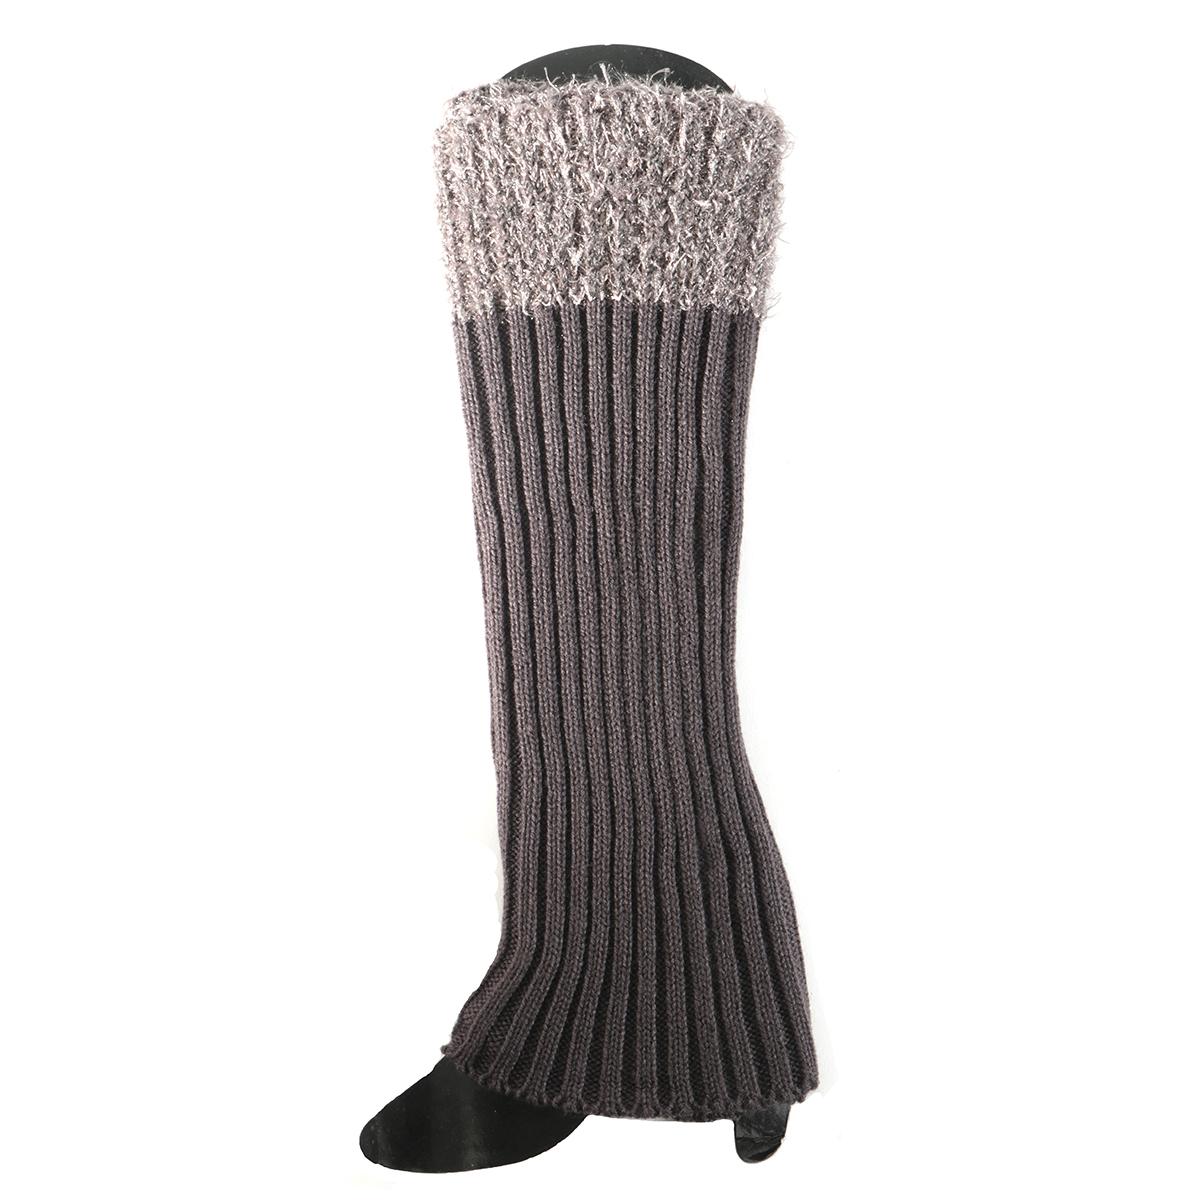 Light Grey Boot Cuff Tall